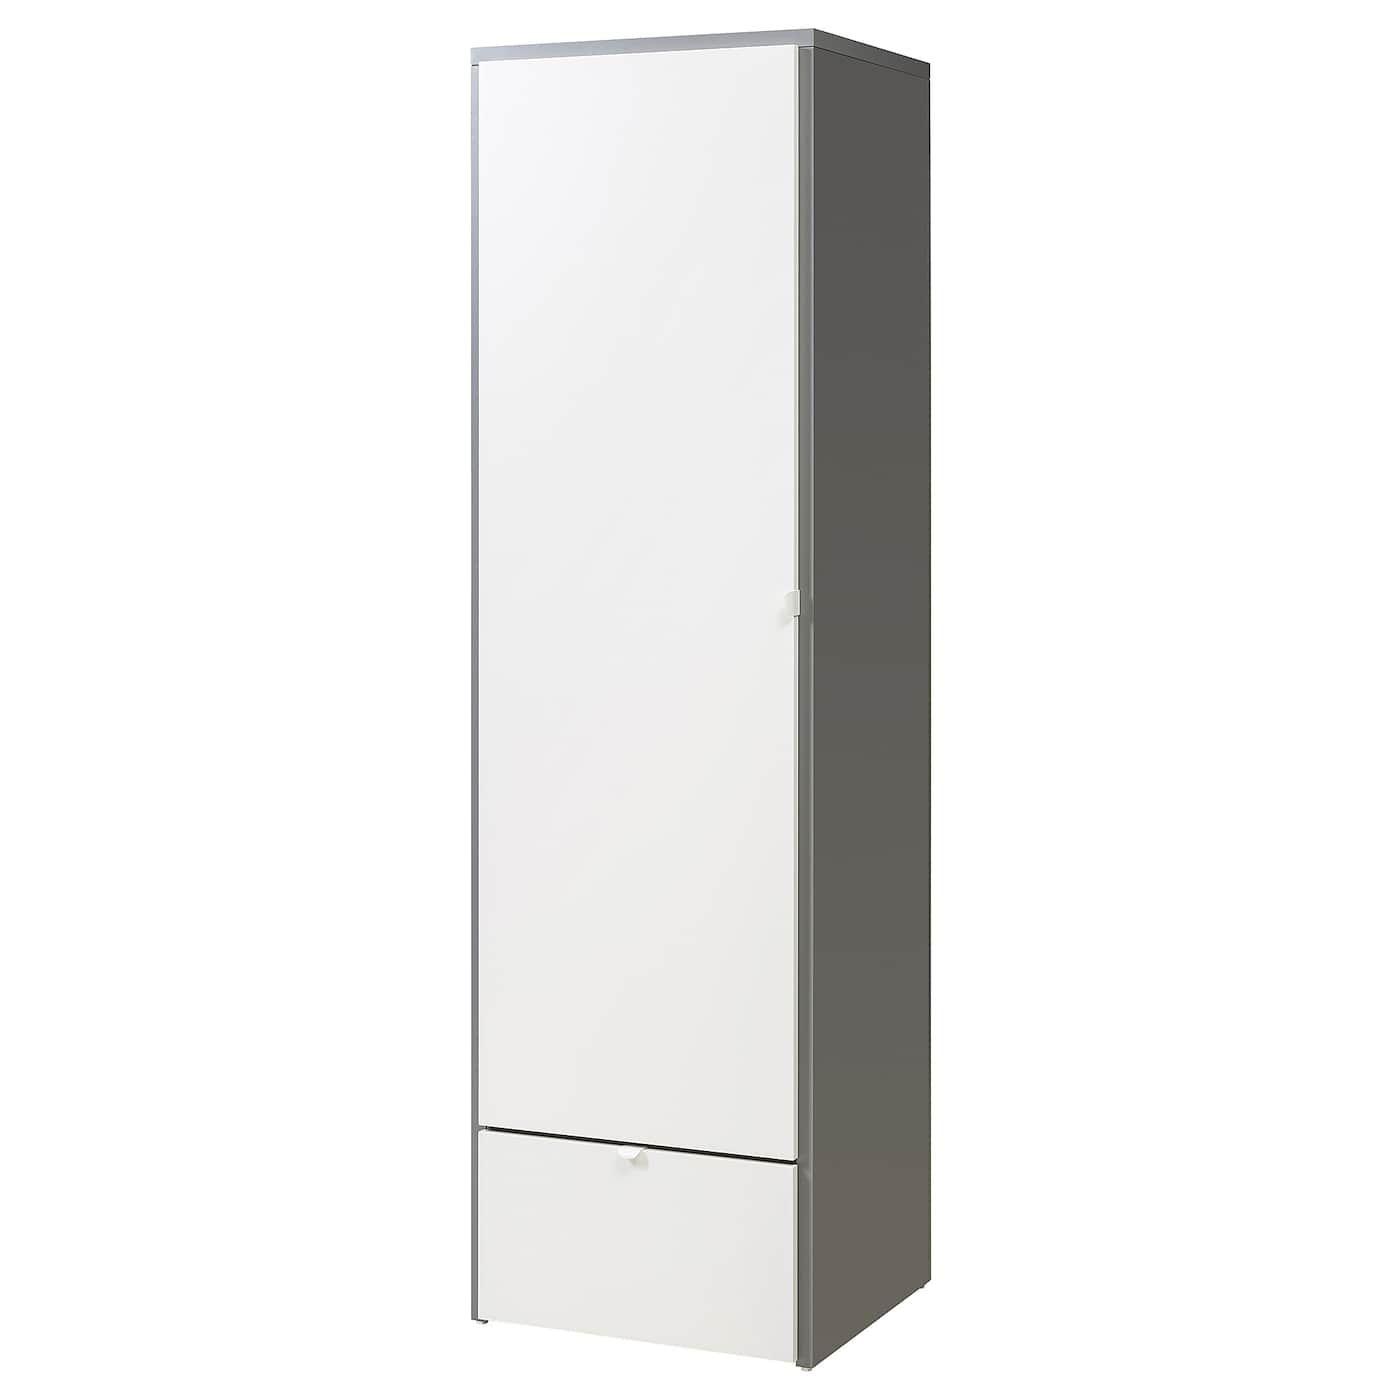 Visthus Armoire Penderie Gris Blanc 63x59x216 Cm Armoire Penderie Garde Robe Ikea Et Armoire